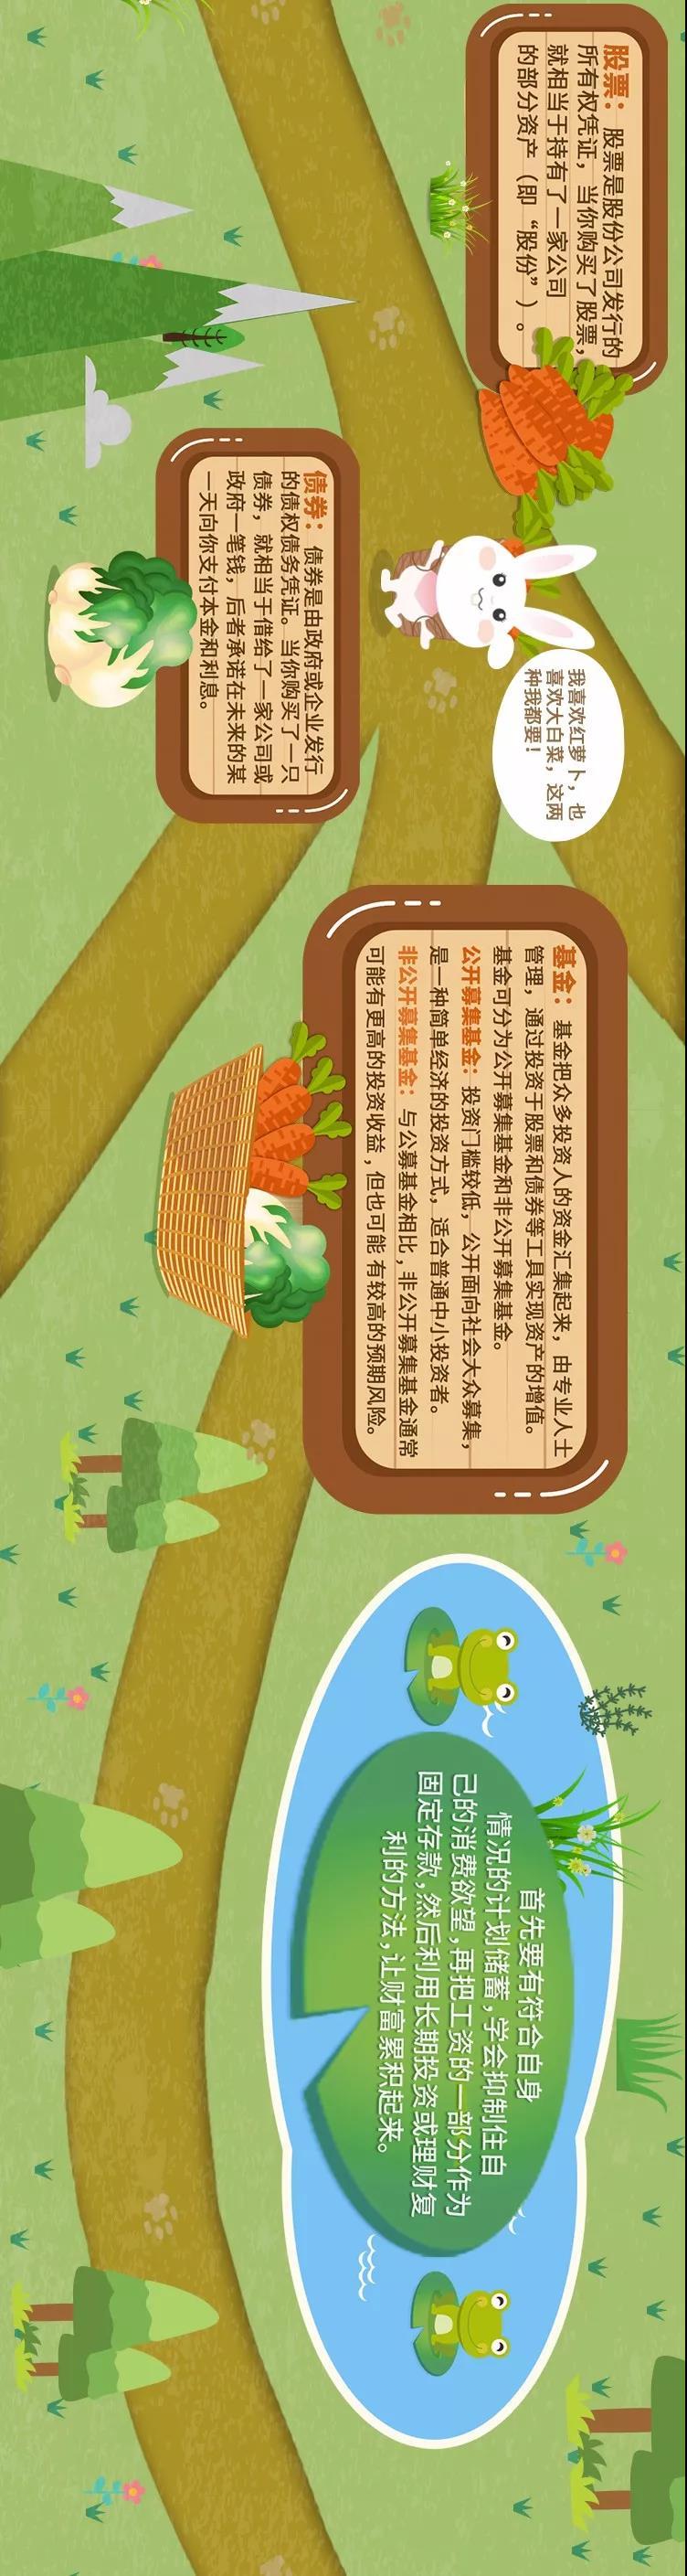 投资者教育之奇妙森林历险记2.jpg